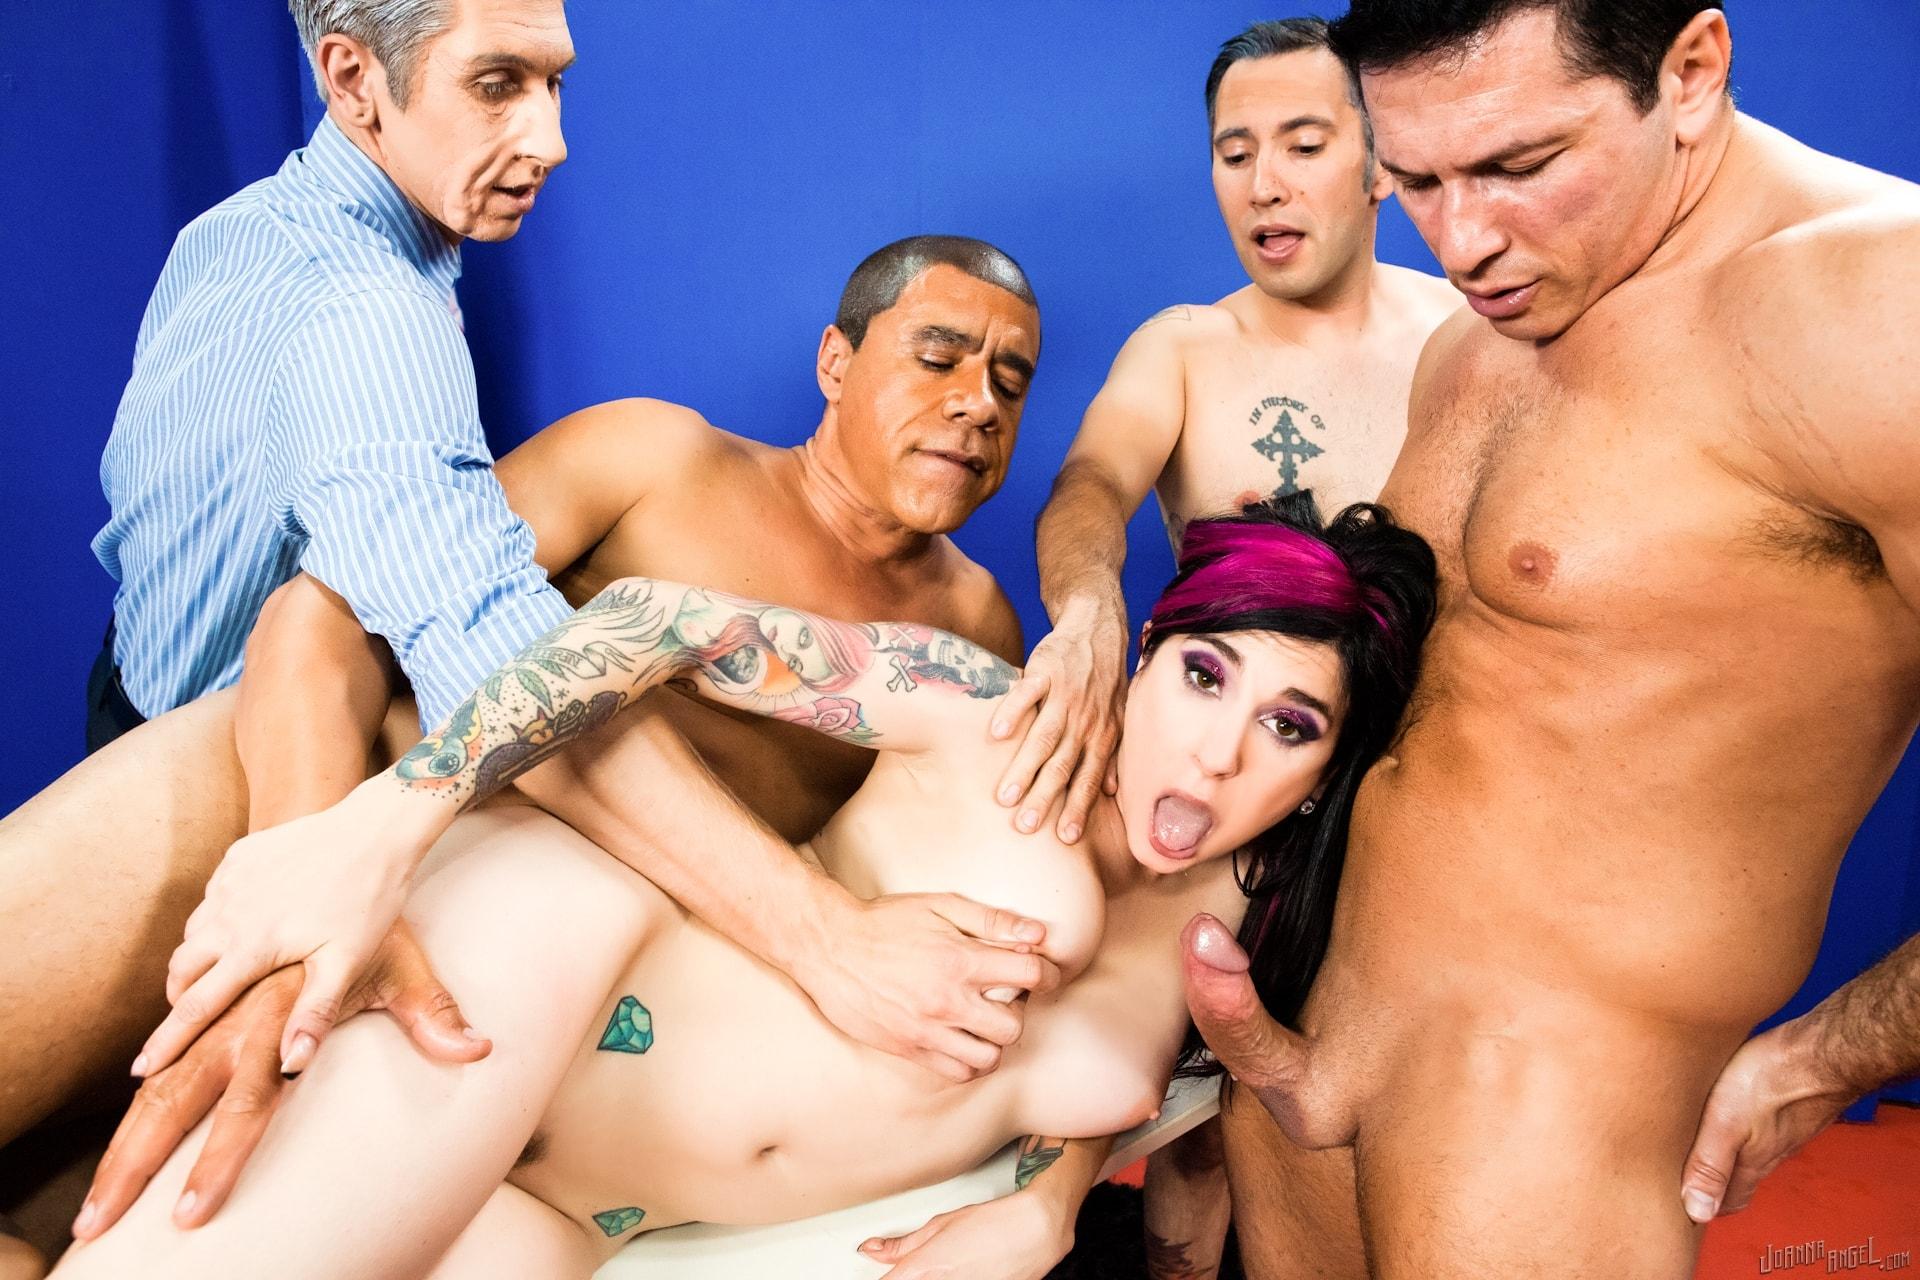 Донна амброзе здесь кончает президент порно фильм порно